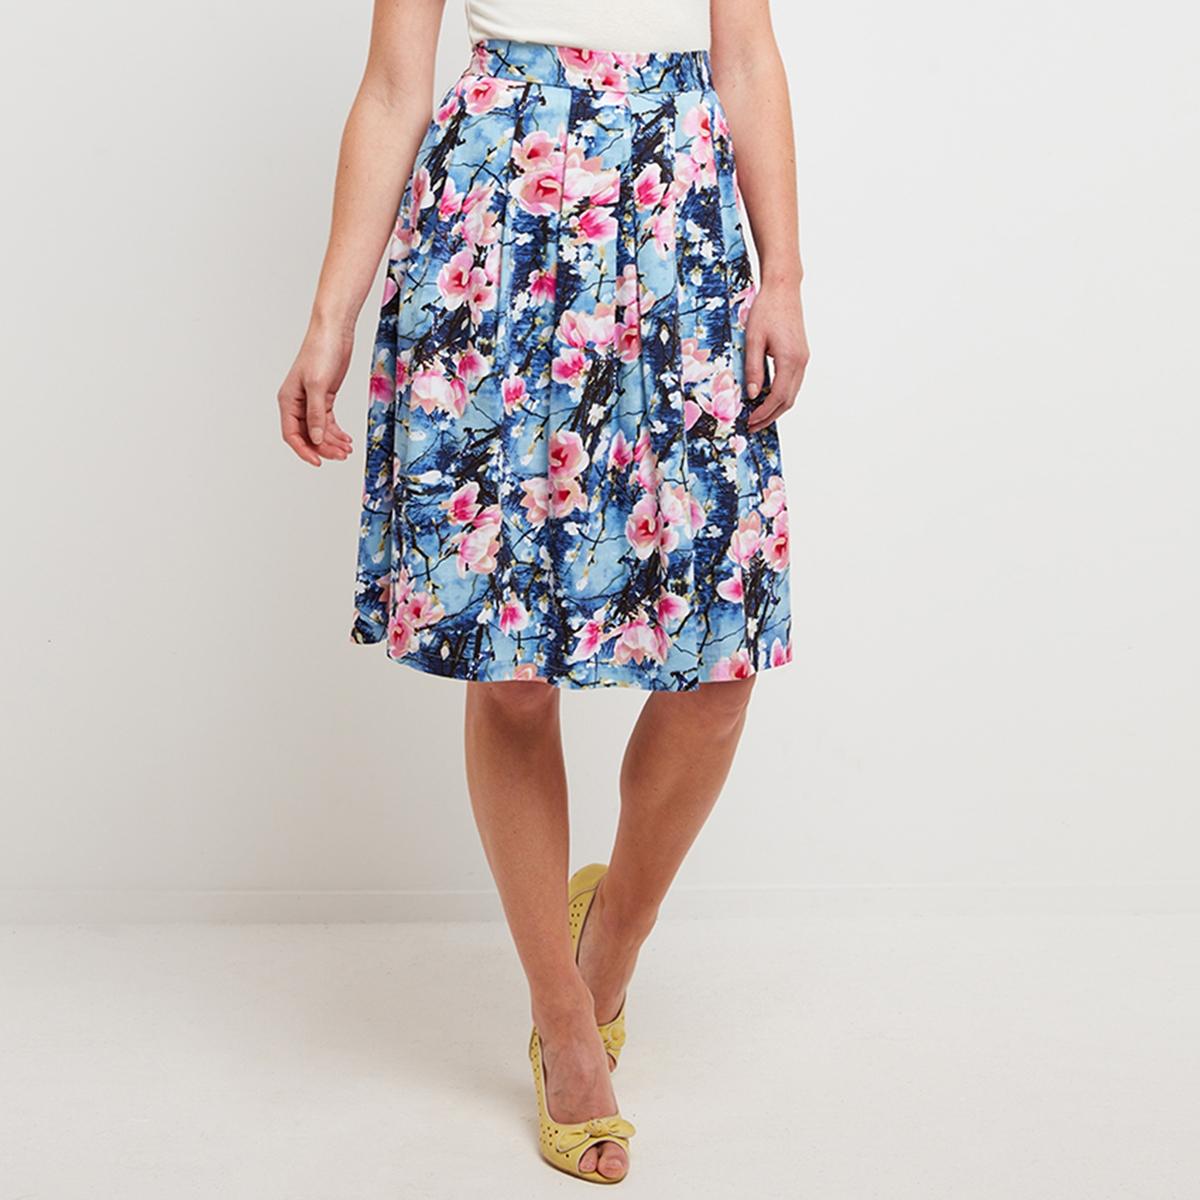 Платье средней длины с цветочным рисунком, расширяющееся к низуОписание:Детали •  Форма: расклешенная •  Длина до колен  •  Цветочный рисунок  Состав и уход •  100 % полиэстер •  Следуйте советам по уходу, указанным на этикетке<br><br>Цвет: синий/цветочный рисунок<br>Размер: 38 (FR) - 44 (RUS)